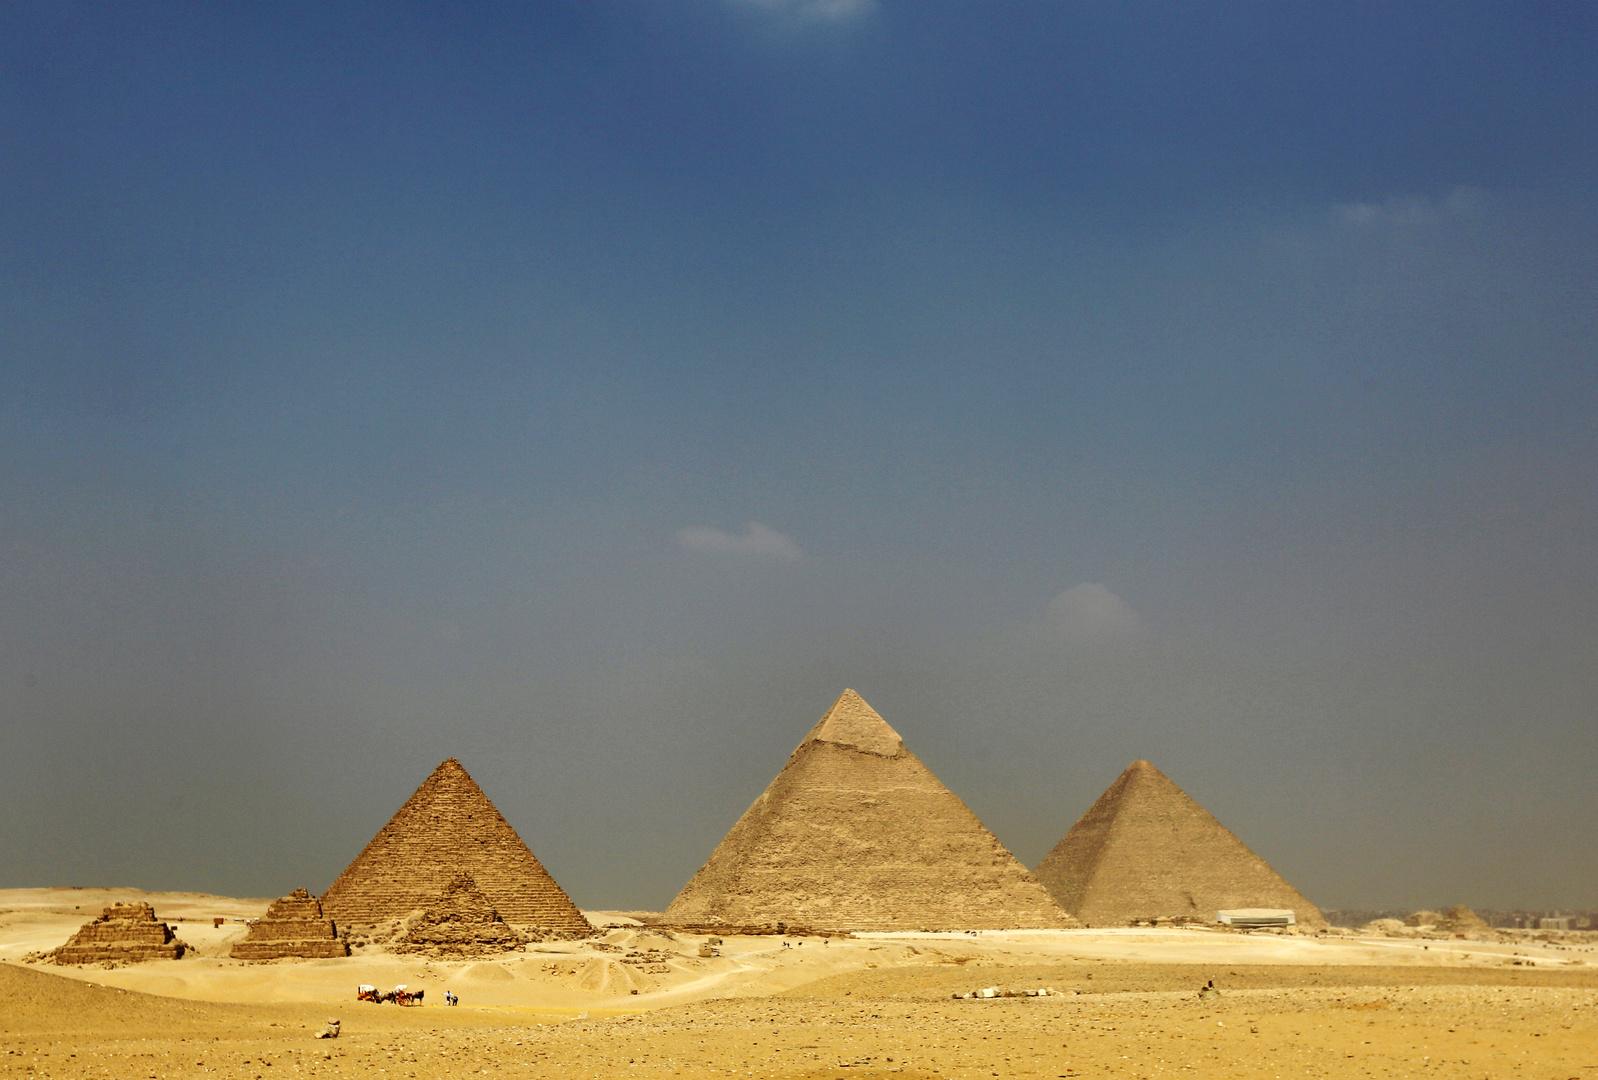 لماذا يصرون على انتزاع شرف بناء الأهرامات من المصريين؟